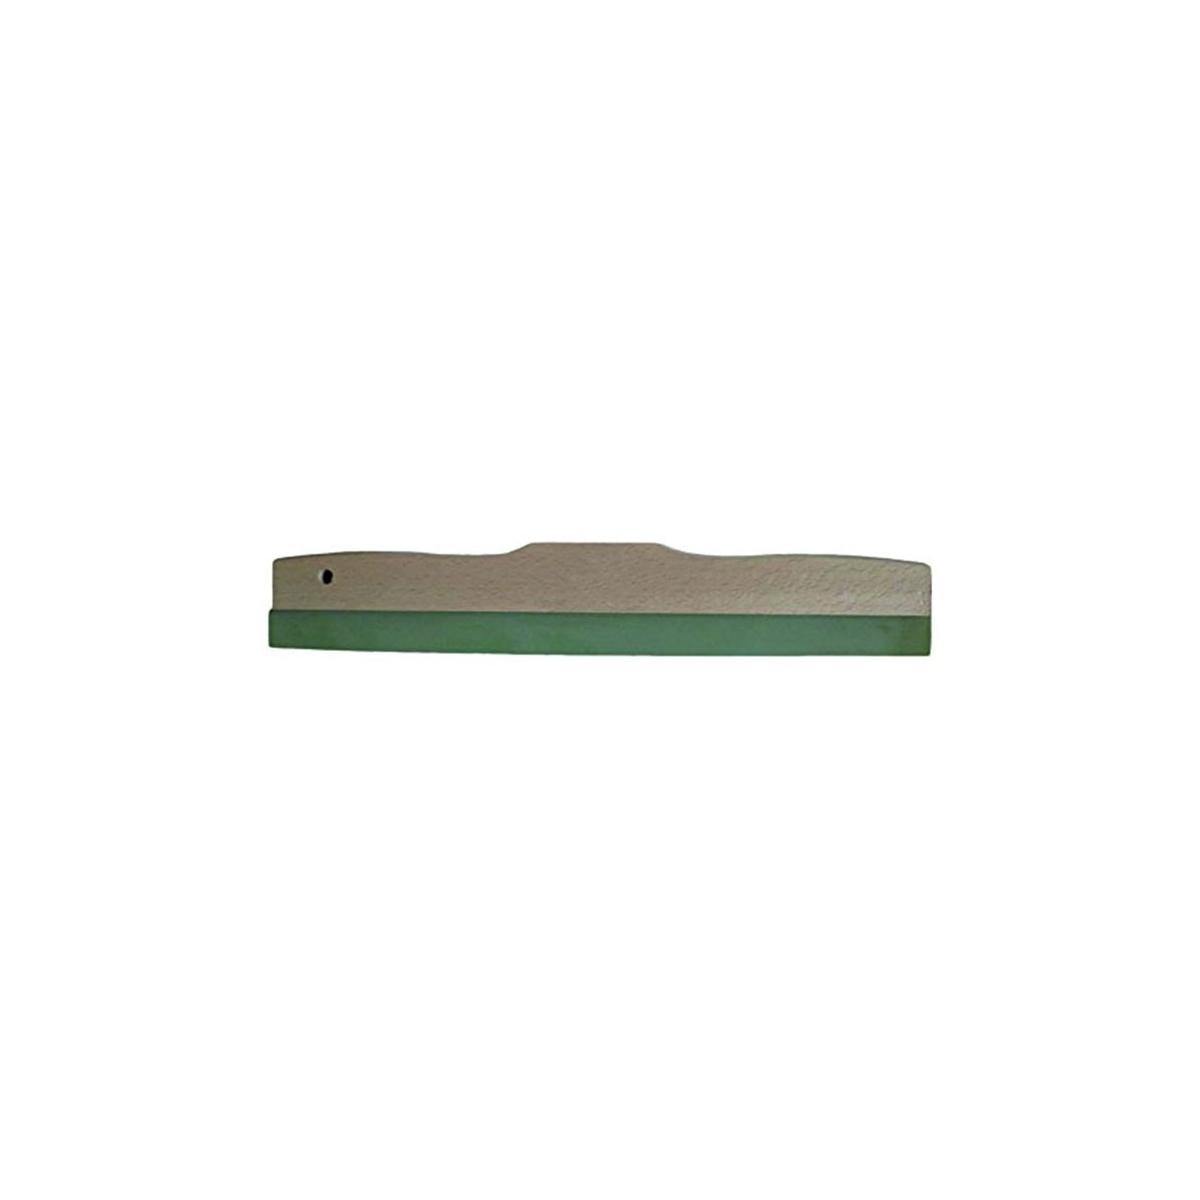 Rastrillo de raseo 45cm - Herramientas de instalación cerámica - Marca JAR